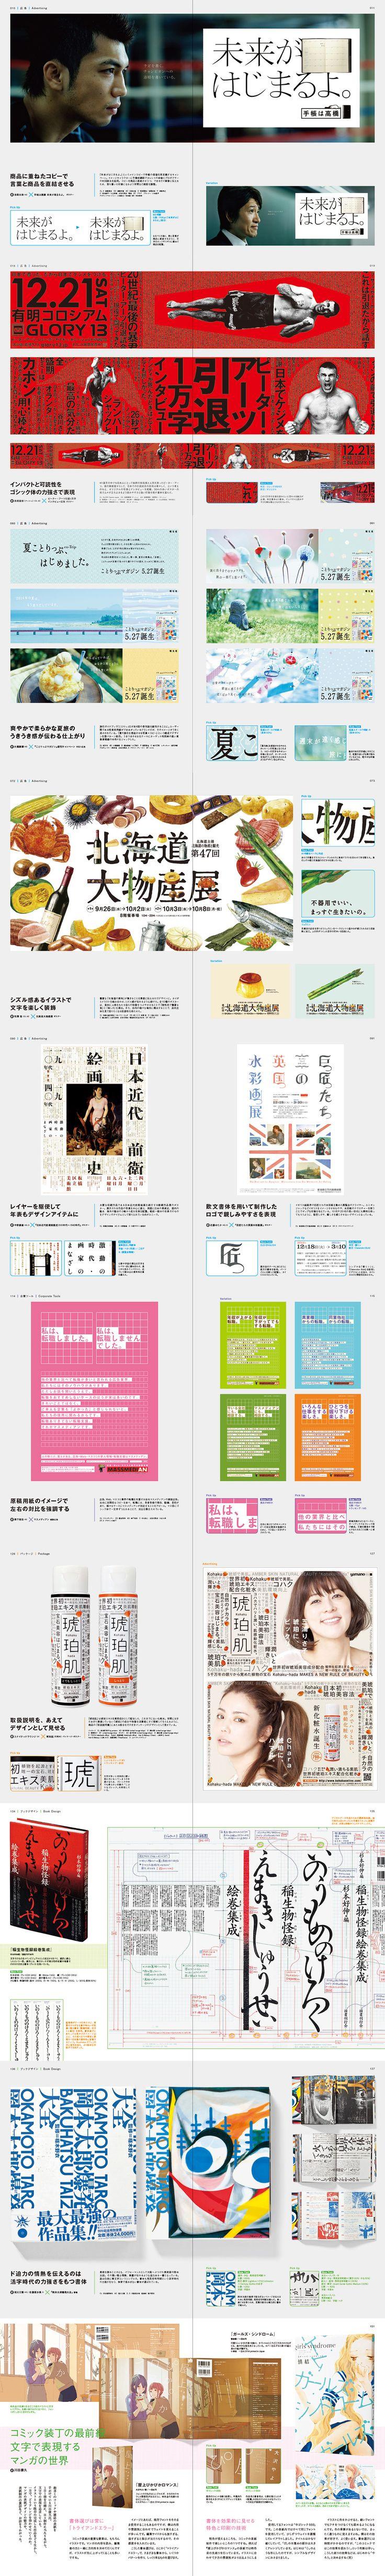 匠の文字とデザイン 広告・パンフレット・エディトリアル・パッケージの文字とデザイン特集 http://pie.co.jp/search/detail.php?ID=4540